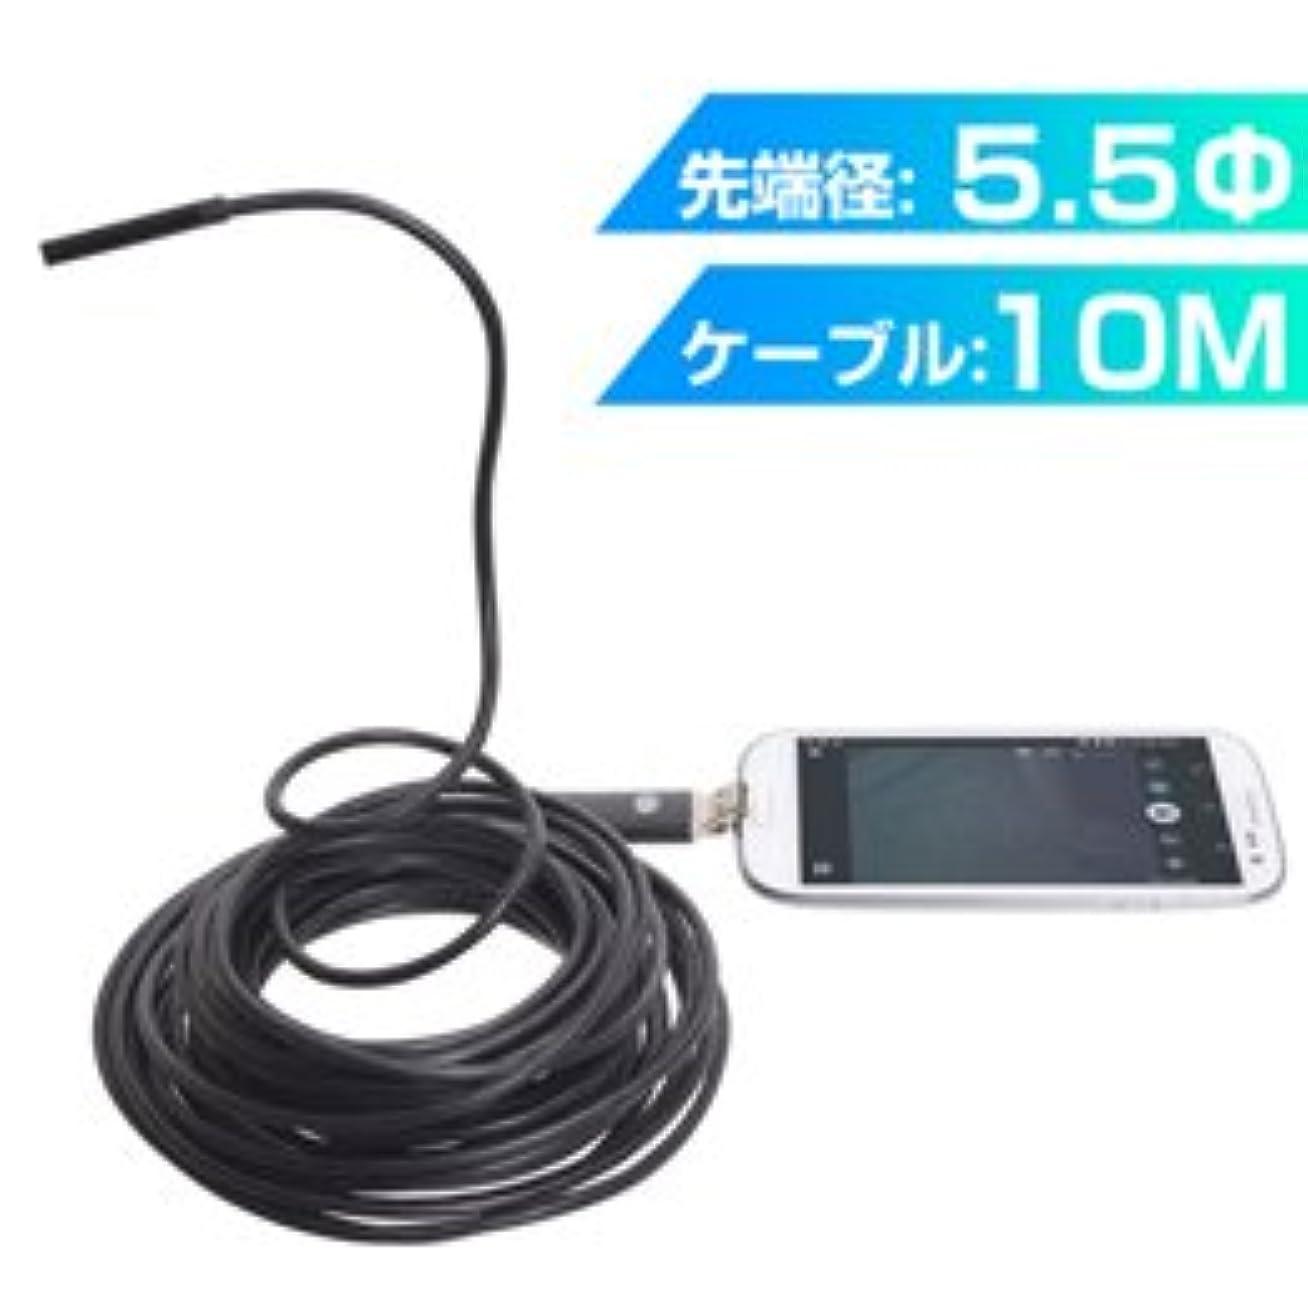 外側宿泊施設申し込む【まとめ 3セット】 サンコー Android/PC両対応5.5mm径内視鏡ケーブル 10m 形状記憶タイプ MCADNW10